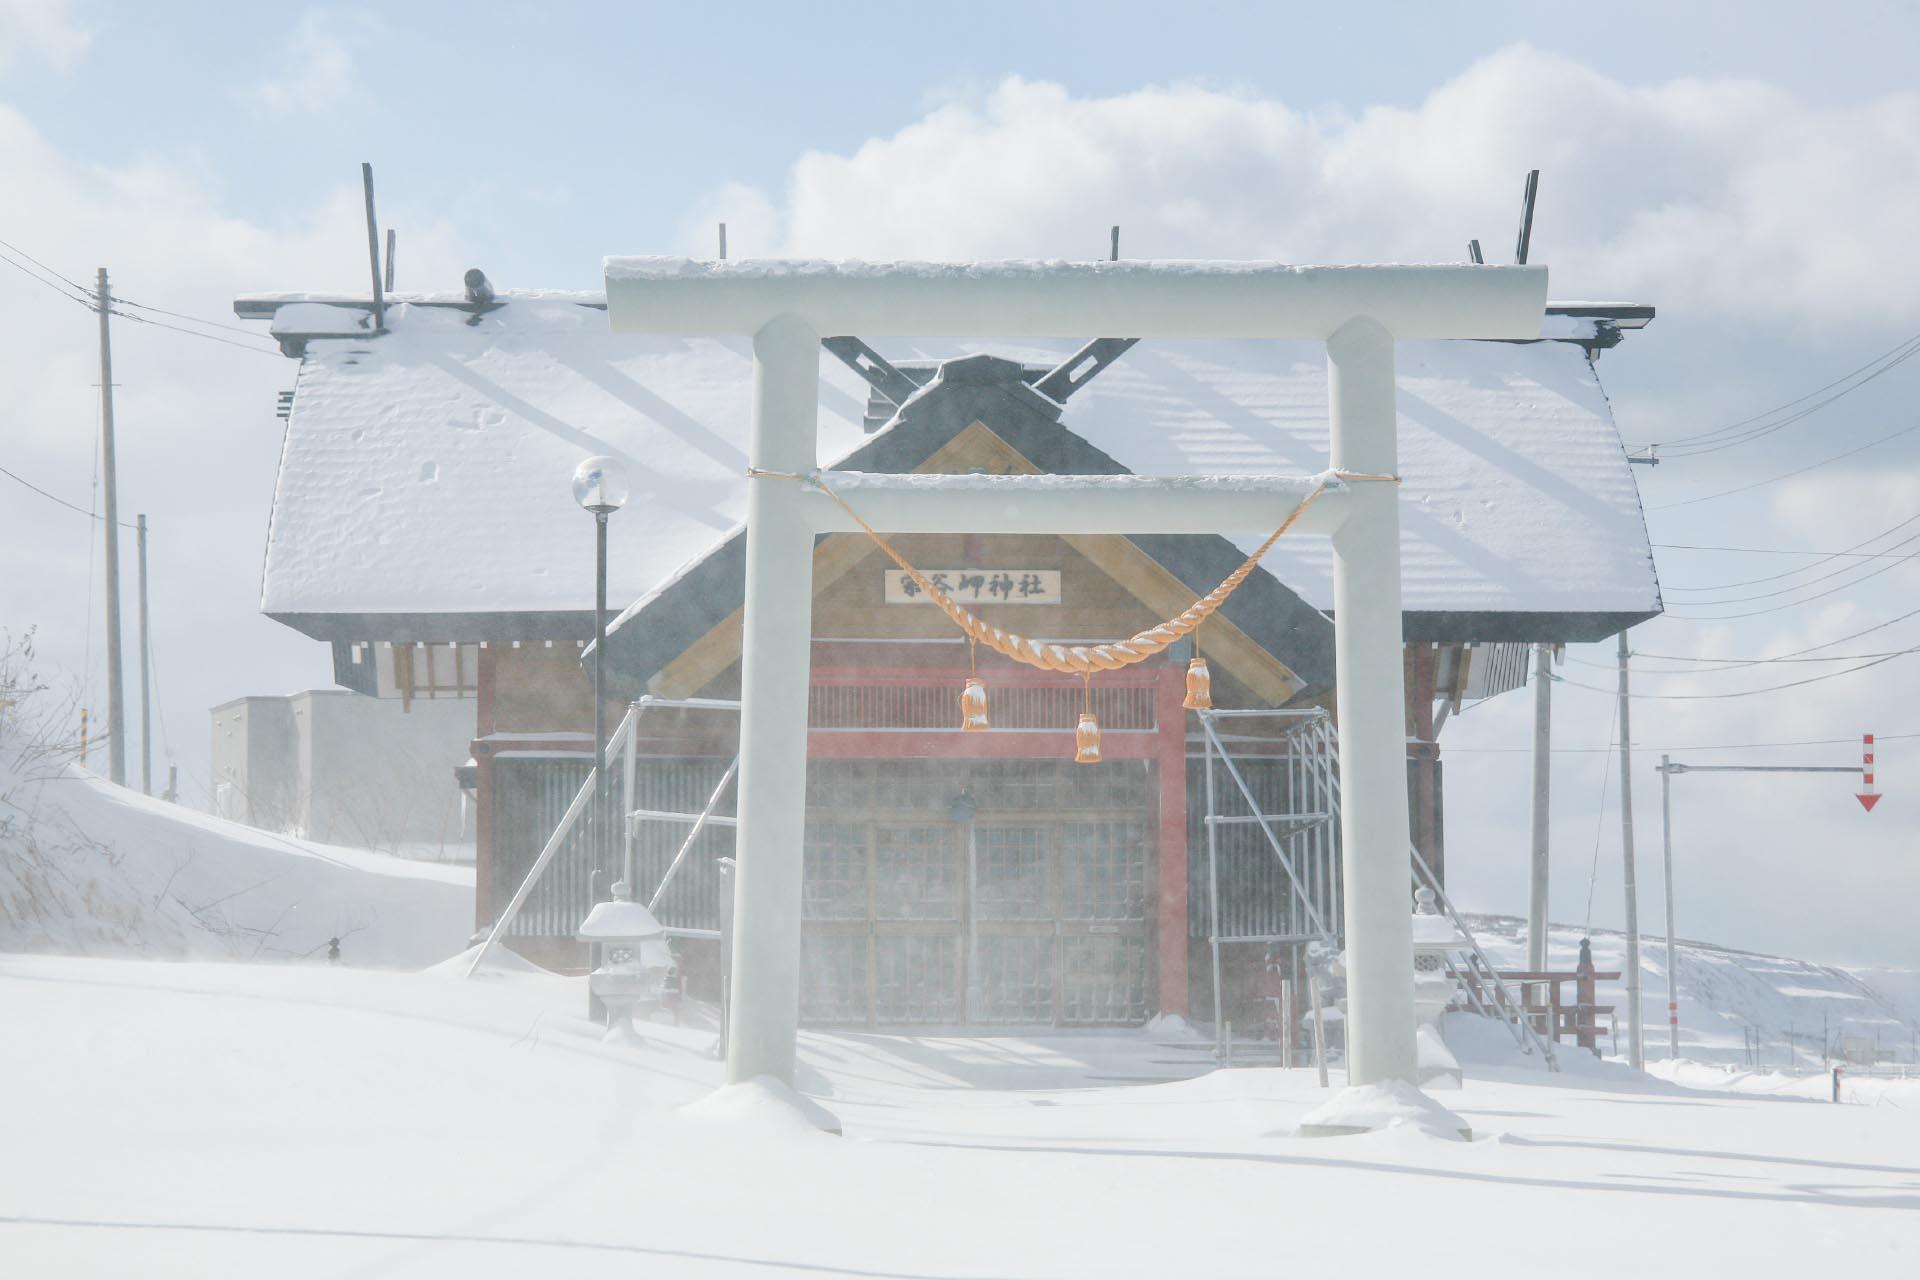 北海道の冬の風景 二月の宗谷岬